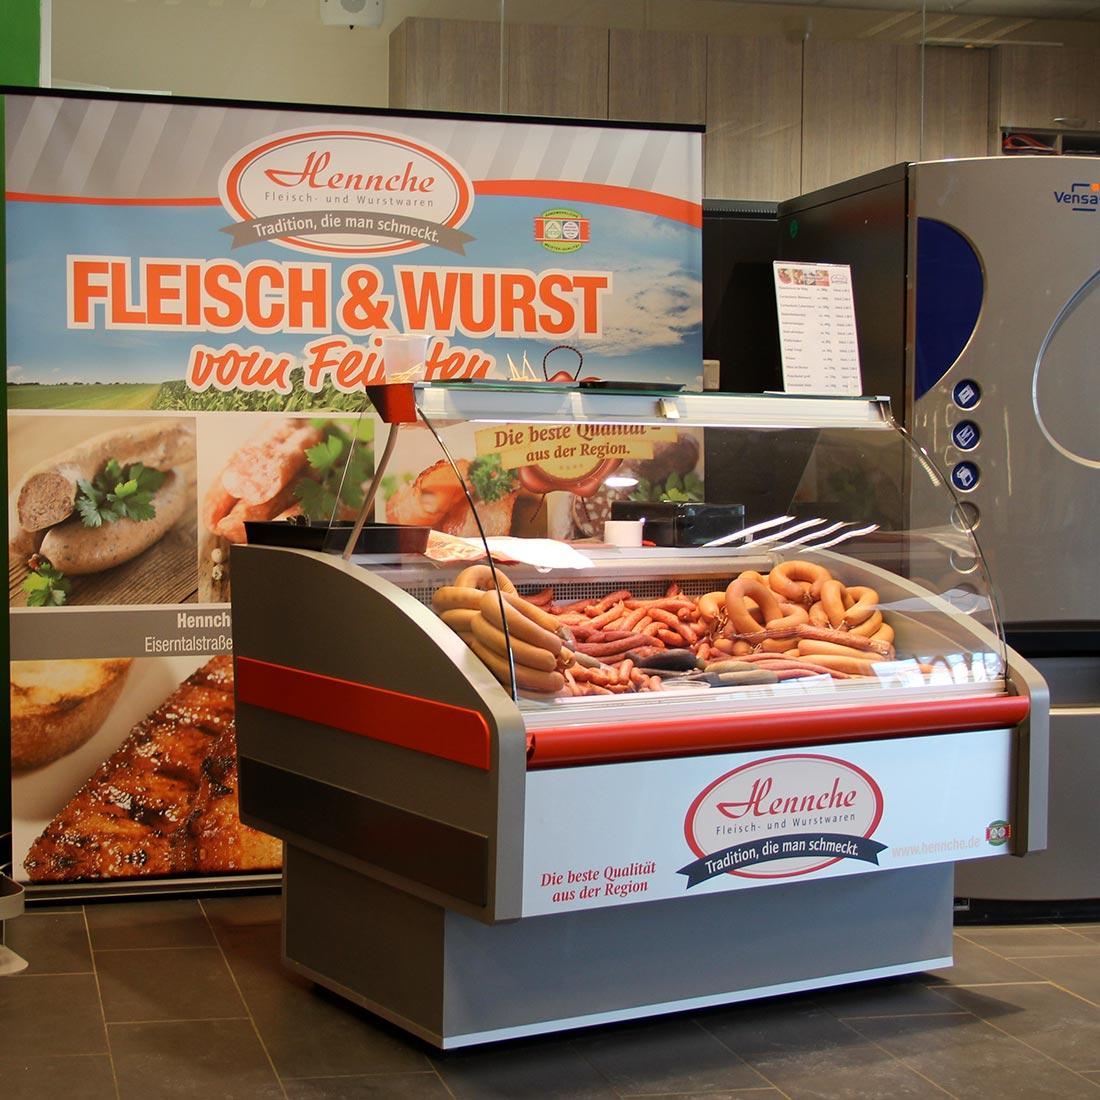 Hennche Fleisch- und Wurstwaren GmbH